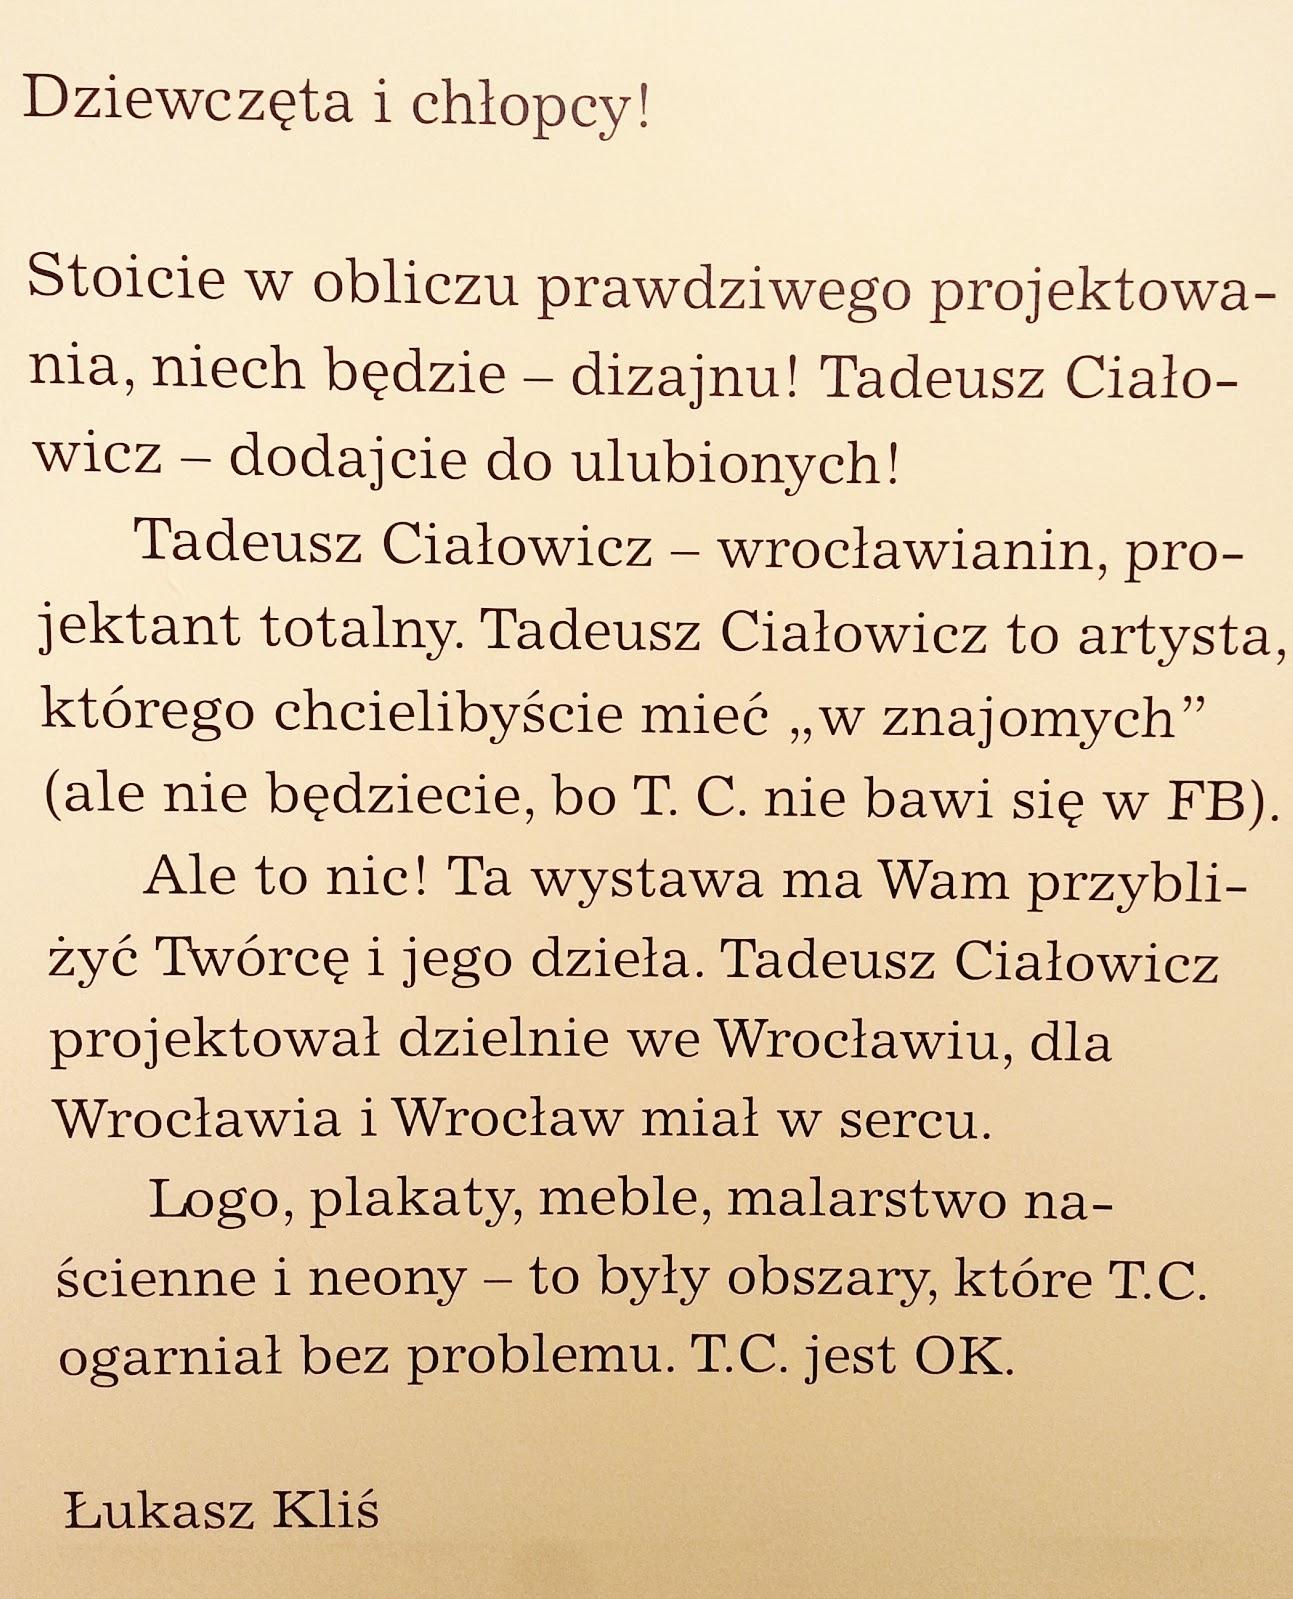 Ciałowicz. Projektant z Wrocławia